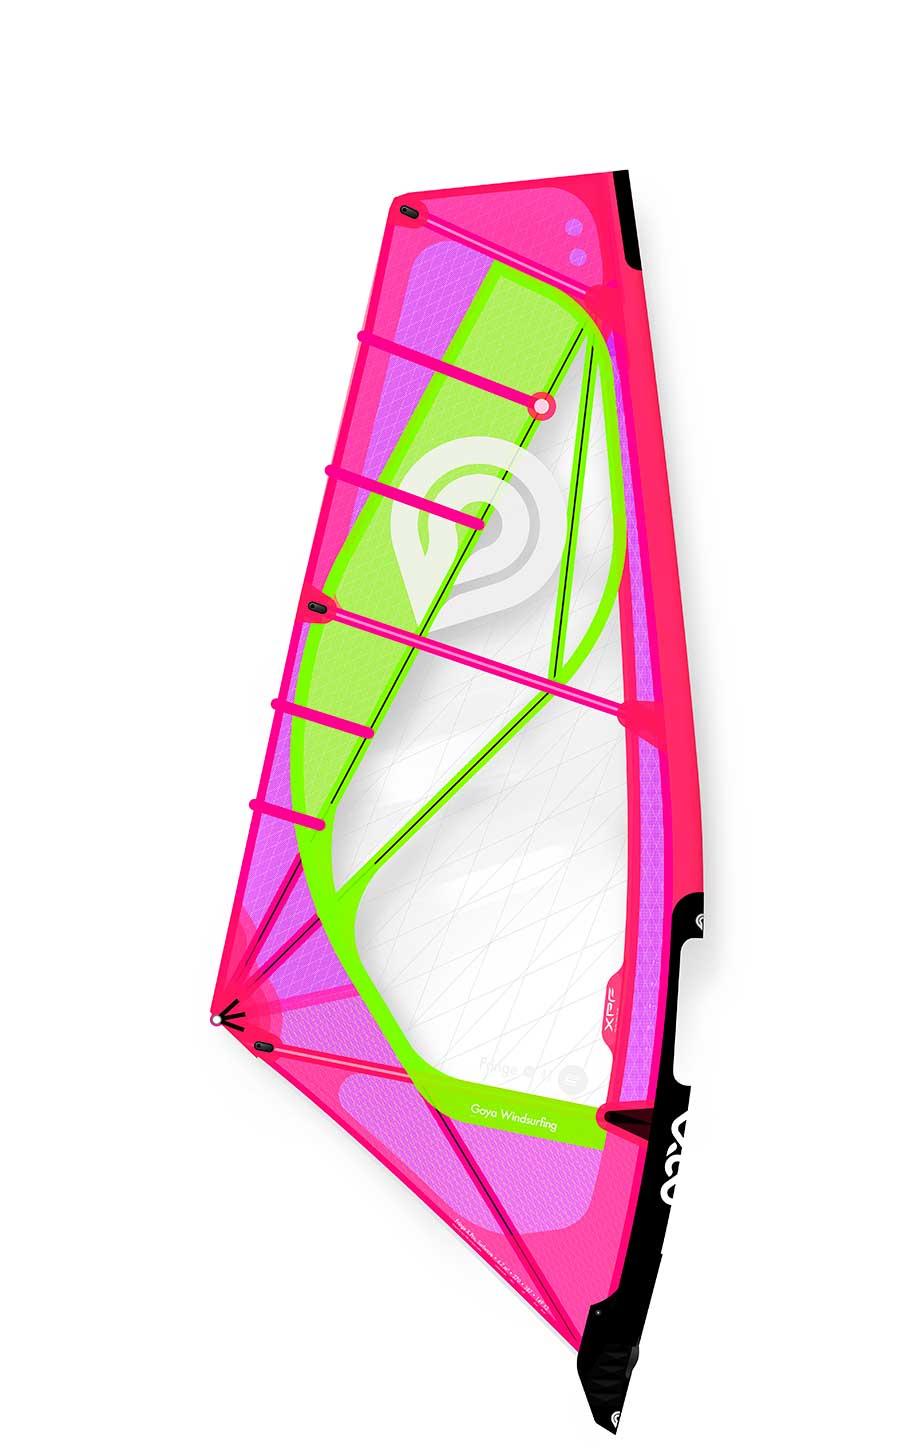 Vela de windsurf Goya Fringe X Pro 20/21